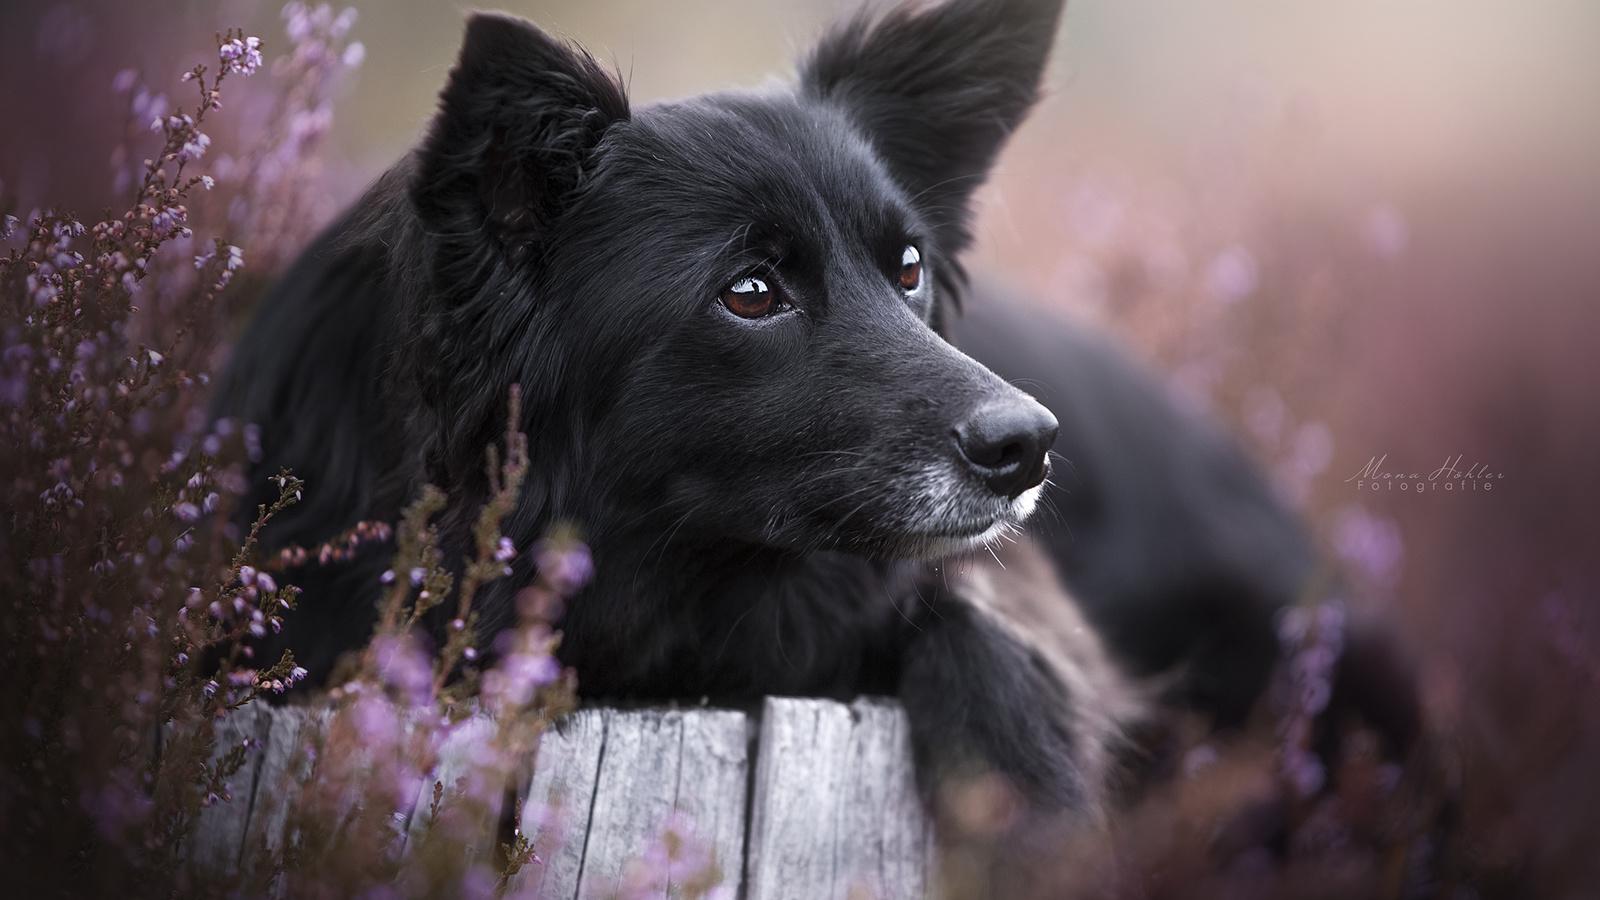 животное, собака, пёс, бордер-колли, голова, взгляд, природа, пень